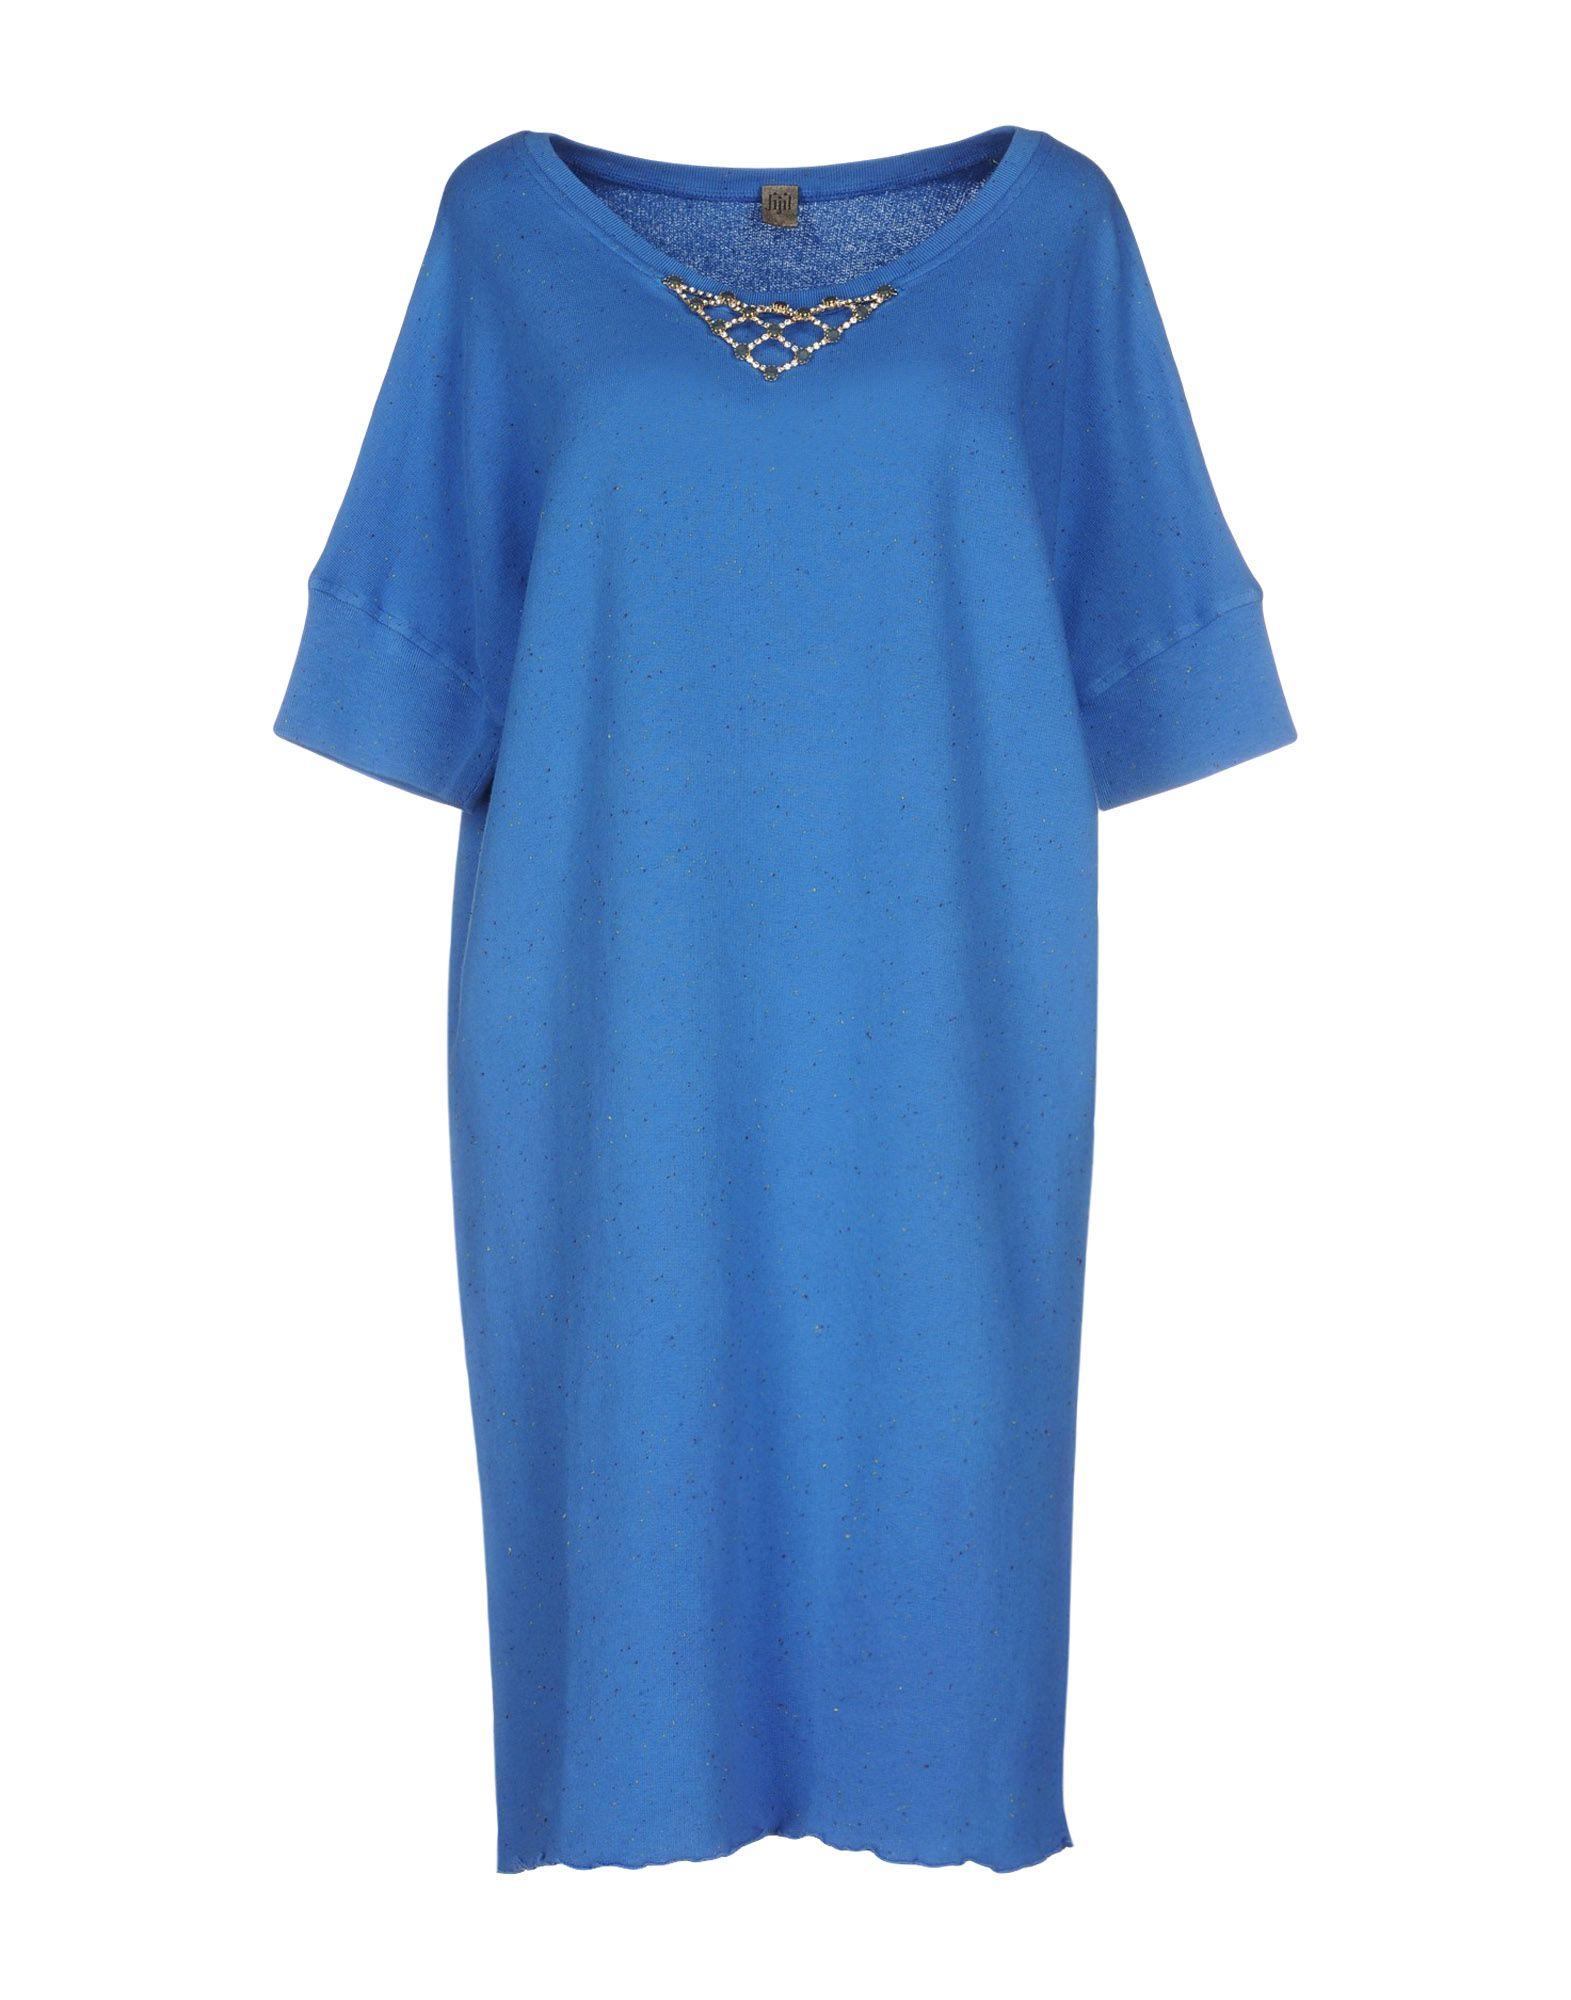 JIJIL Short Dress in Blue